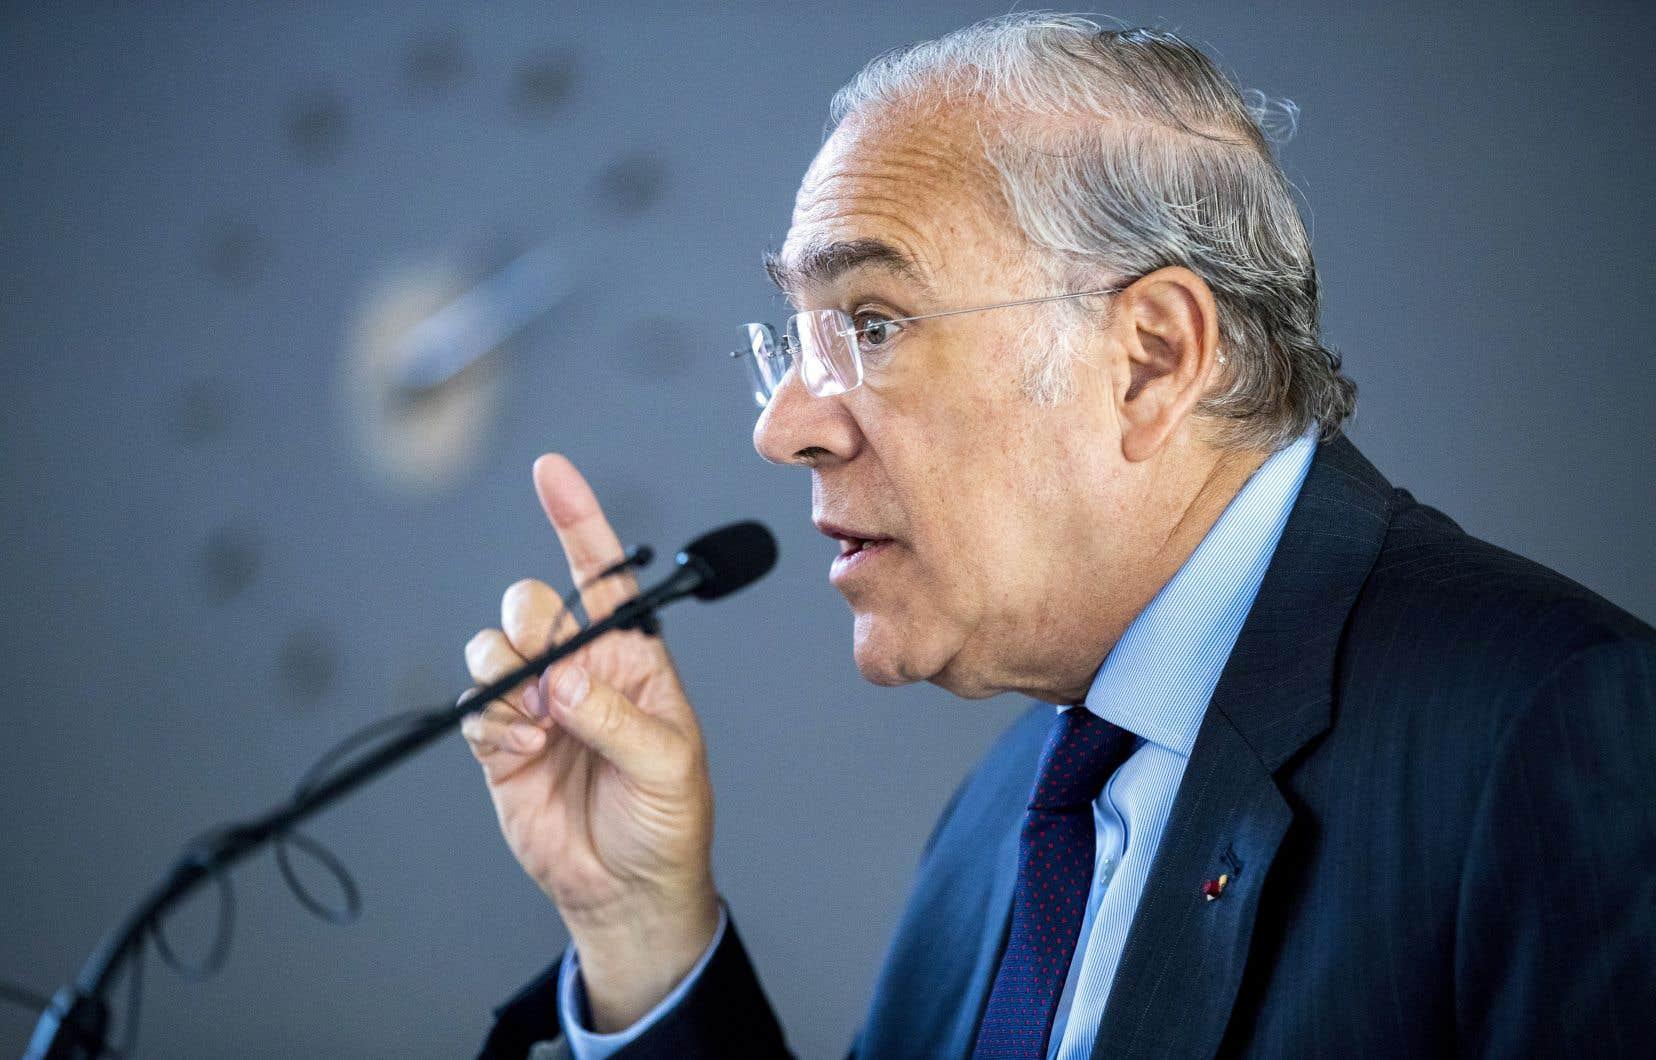 Le secrétaire général de l'OCDE, Ángel Gurría, avait dit à la présentation du projet qu'il s'agissait d'un accomplissement historique sur la longue route qui nous mènera à la justice fiscale internationale.